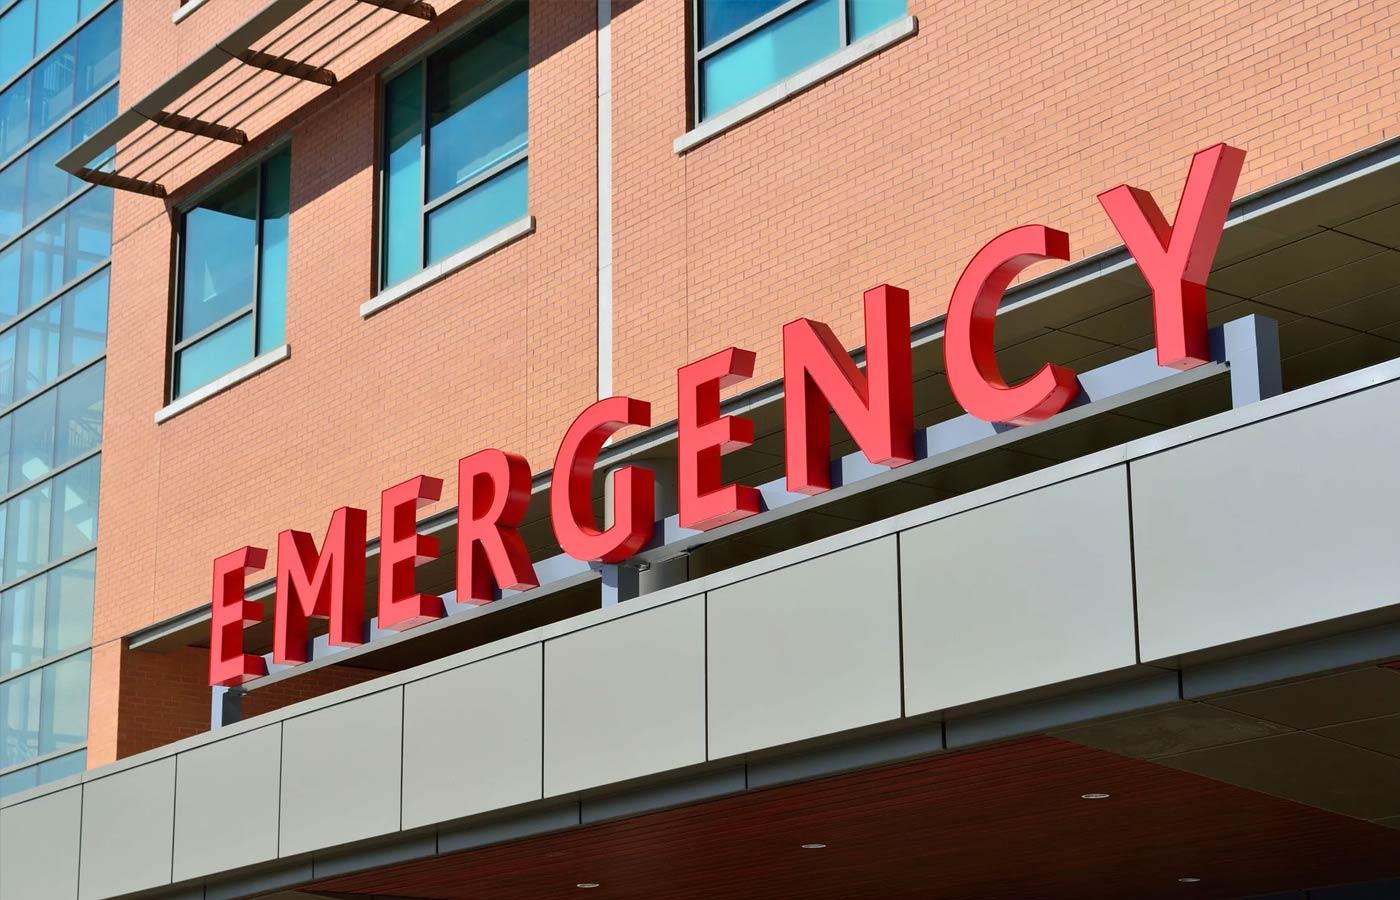 Hospital emergency sign. Photo: Pixabey/Pexels